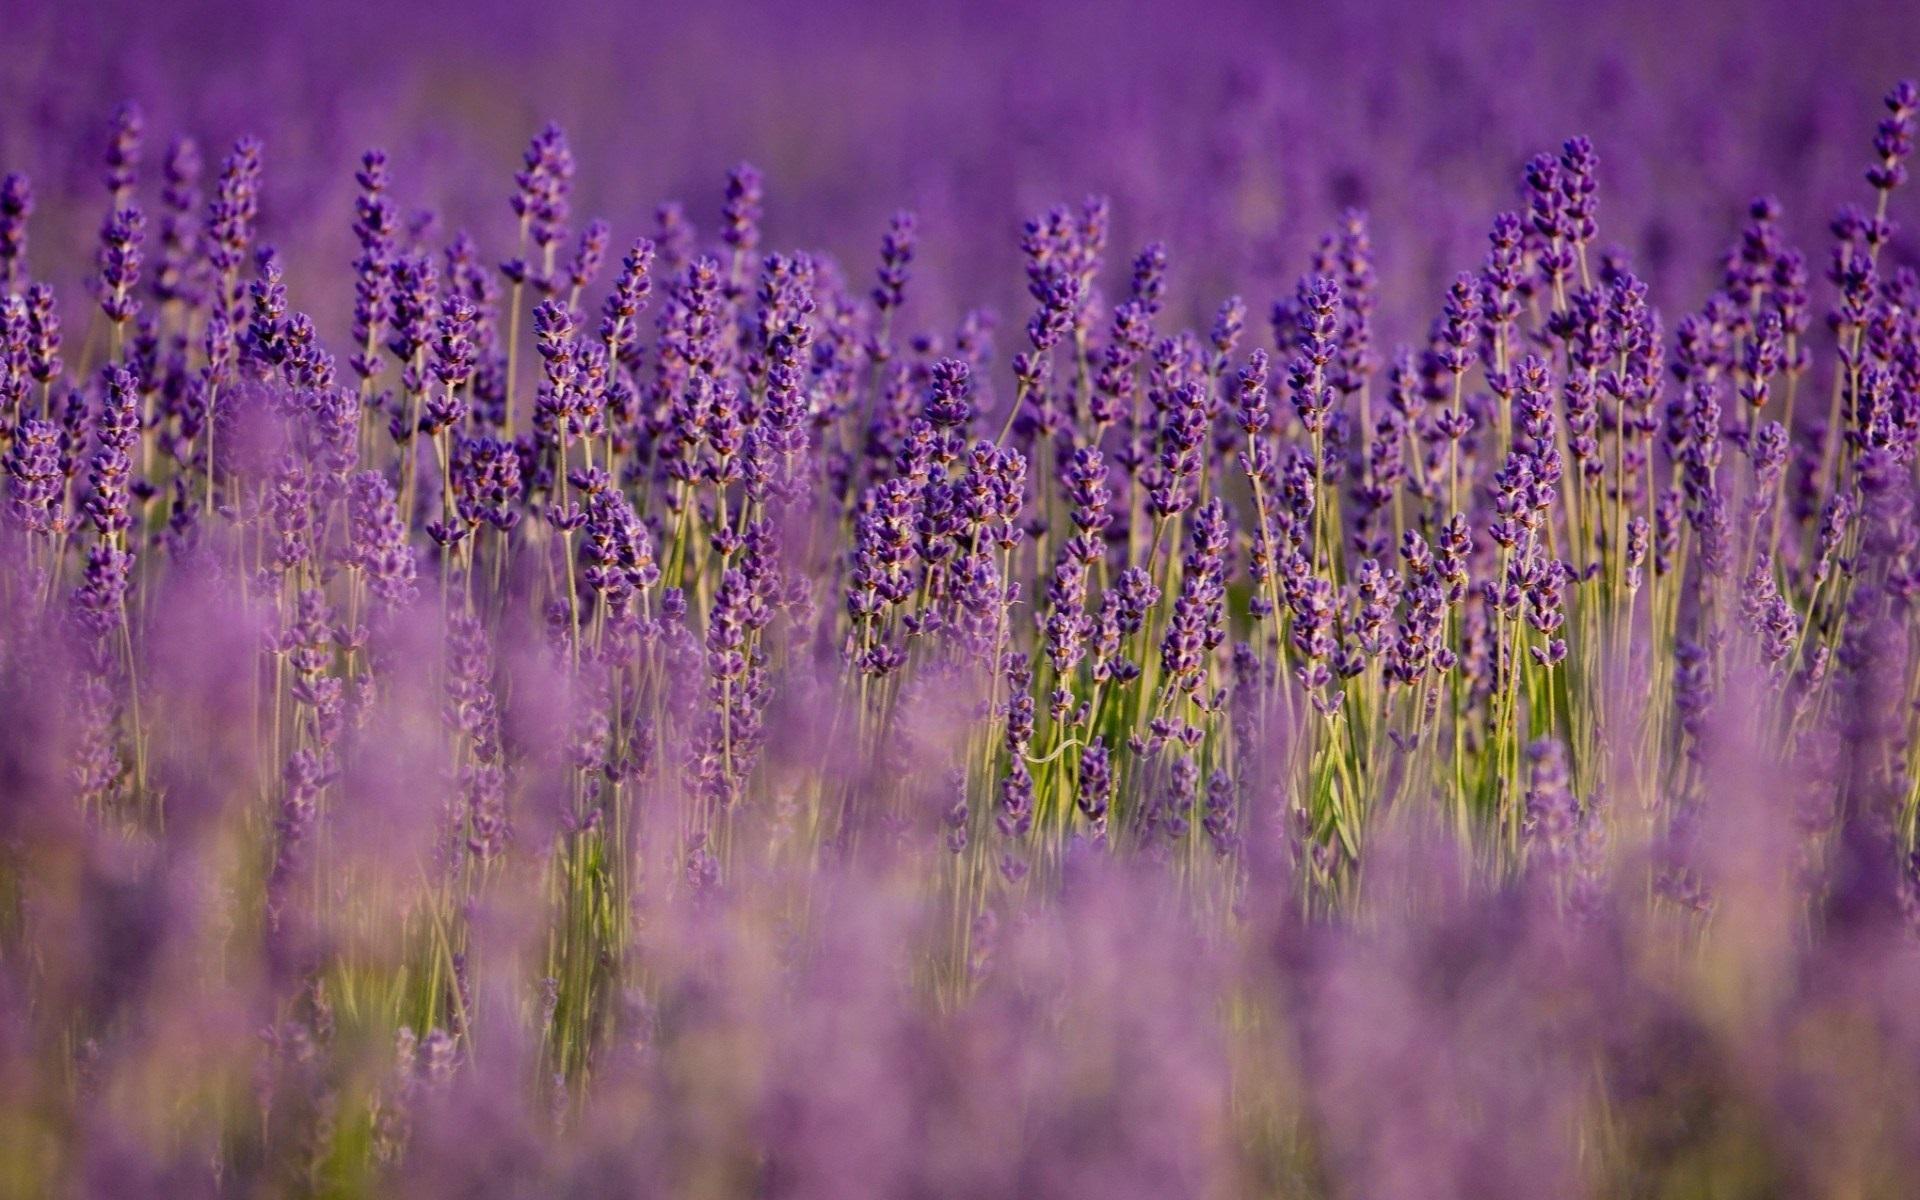 Wallpaper Lavender Purple Flowers Field Blurry 1920x1200 Hd